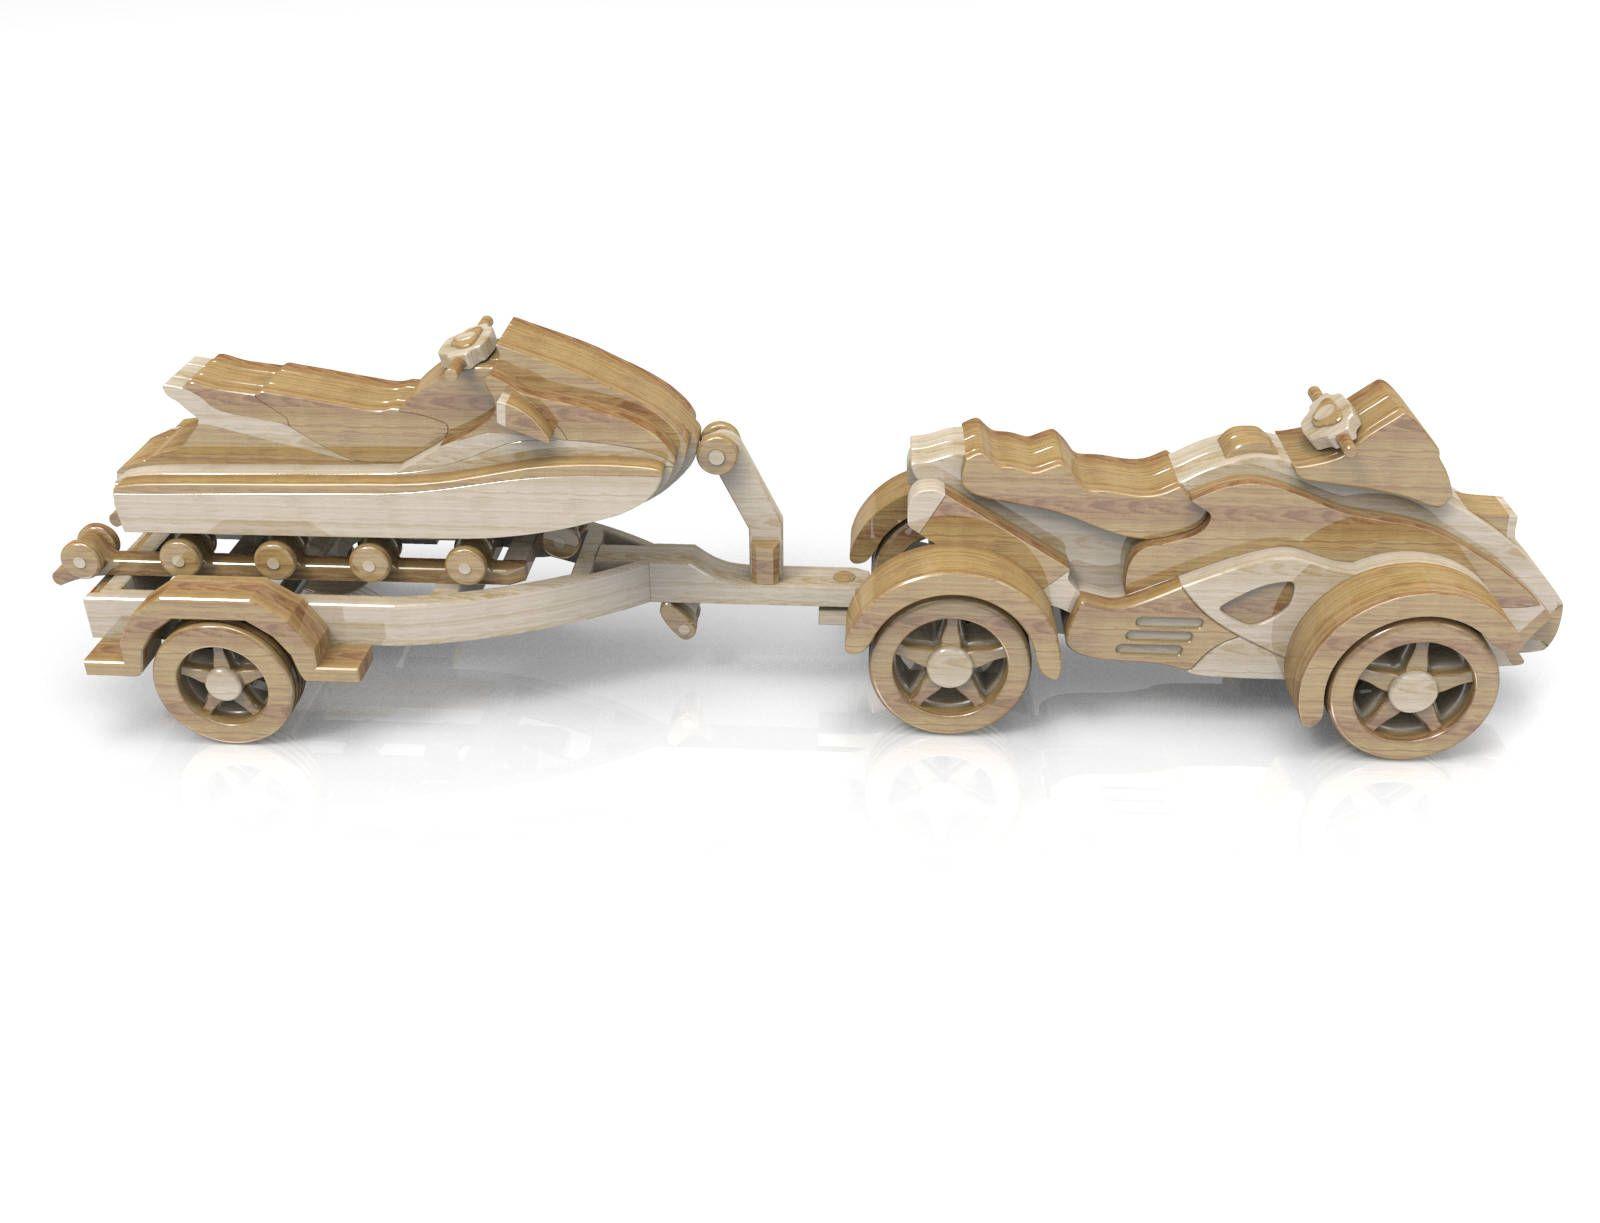 jet ski & 4 wheeler | toys | jet ski, wood toys plans, toys